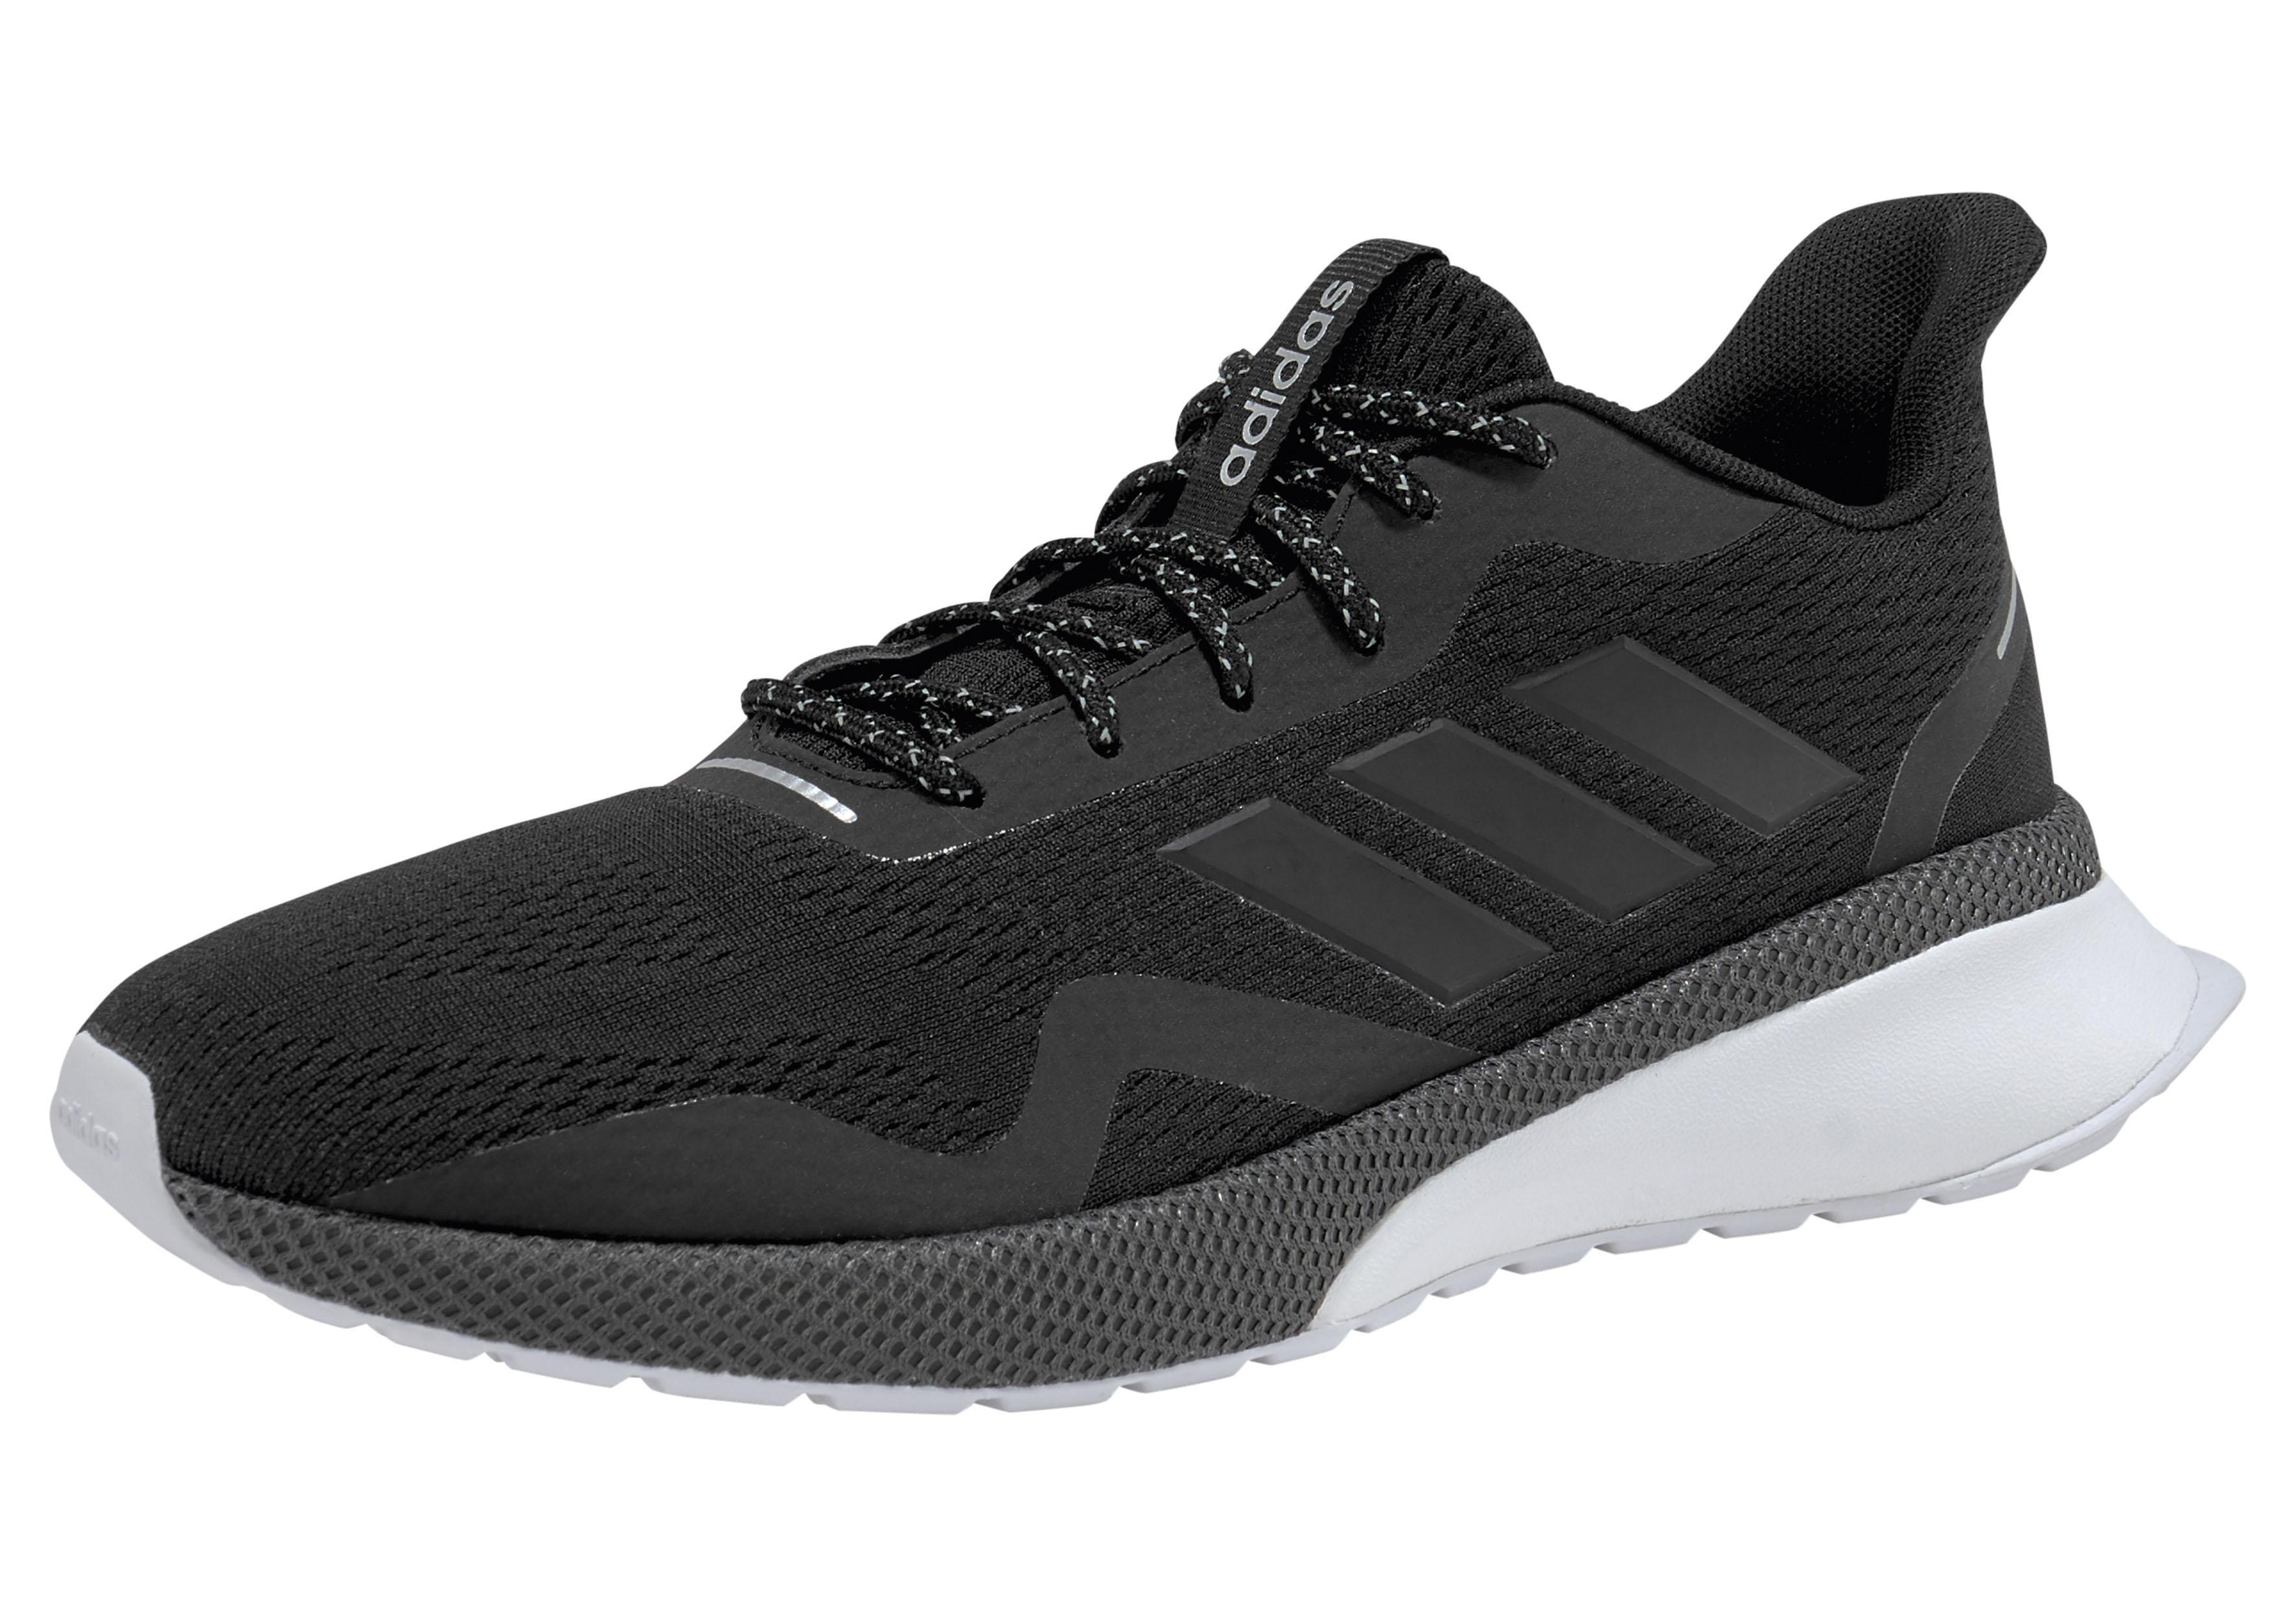 adidas Laufschuh NOVA RUN X Technik & Freizeit/Sport & Freizeit/Sportarten/Laufen/Lauf-Schuhe